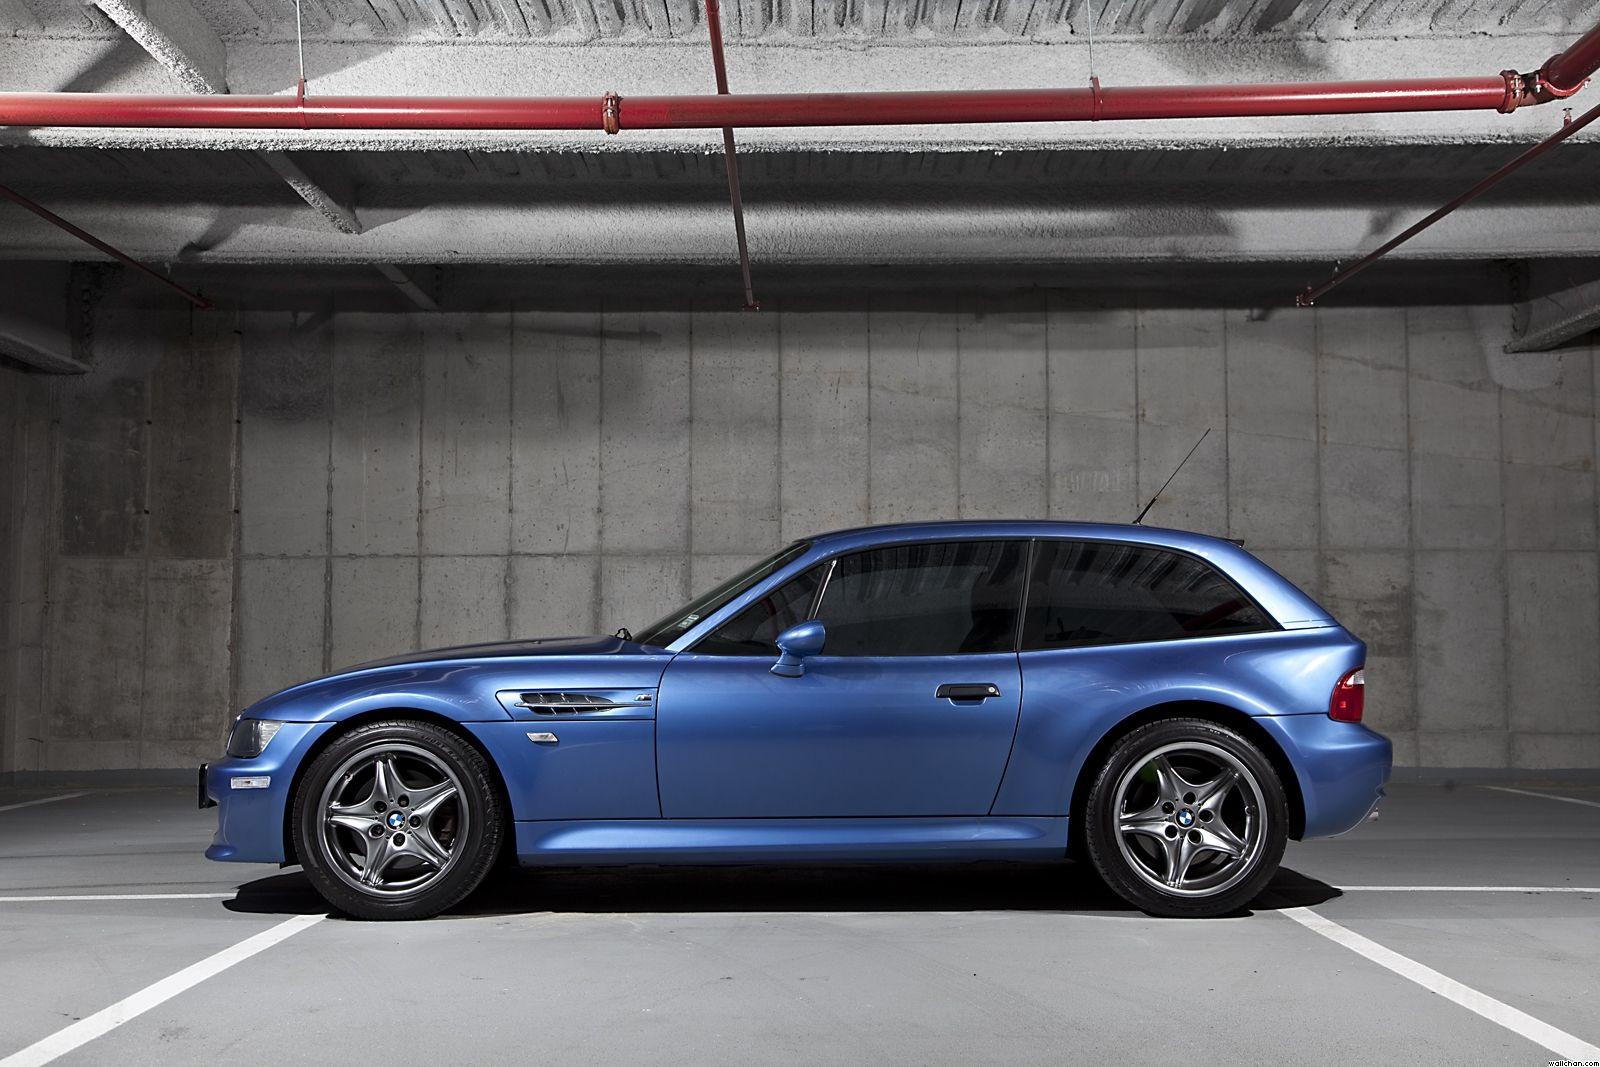 Bmw Z3 M Coupe Estoril Blue Love This Model Four Wheels